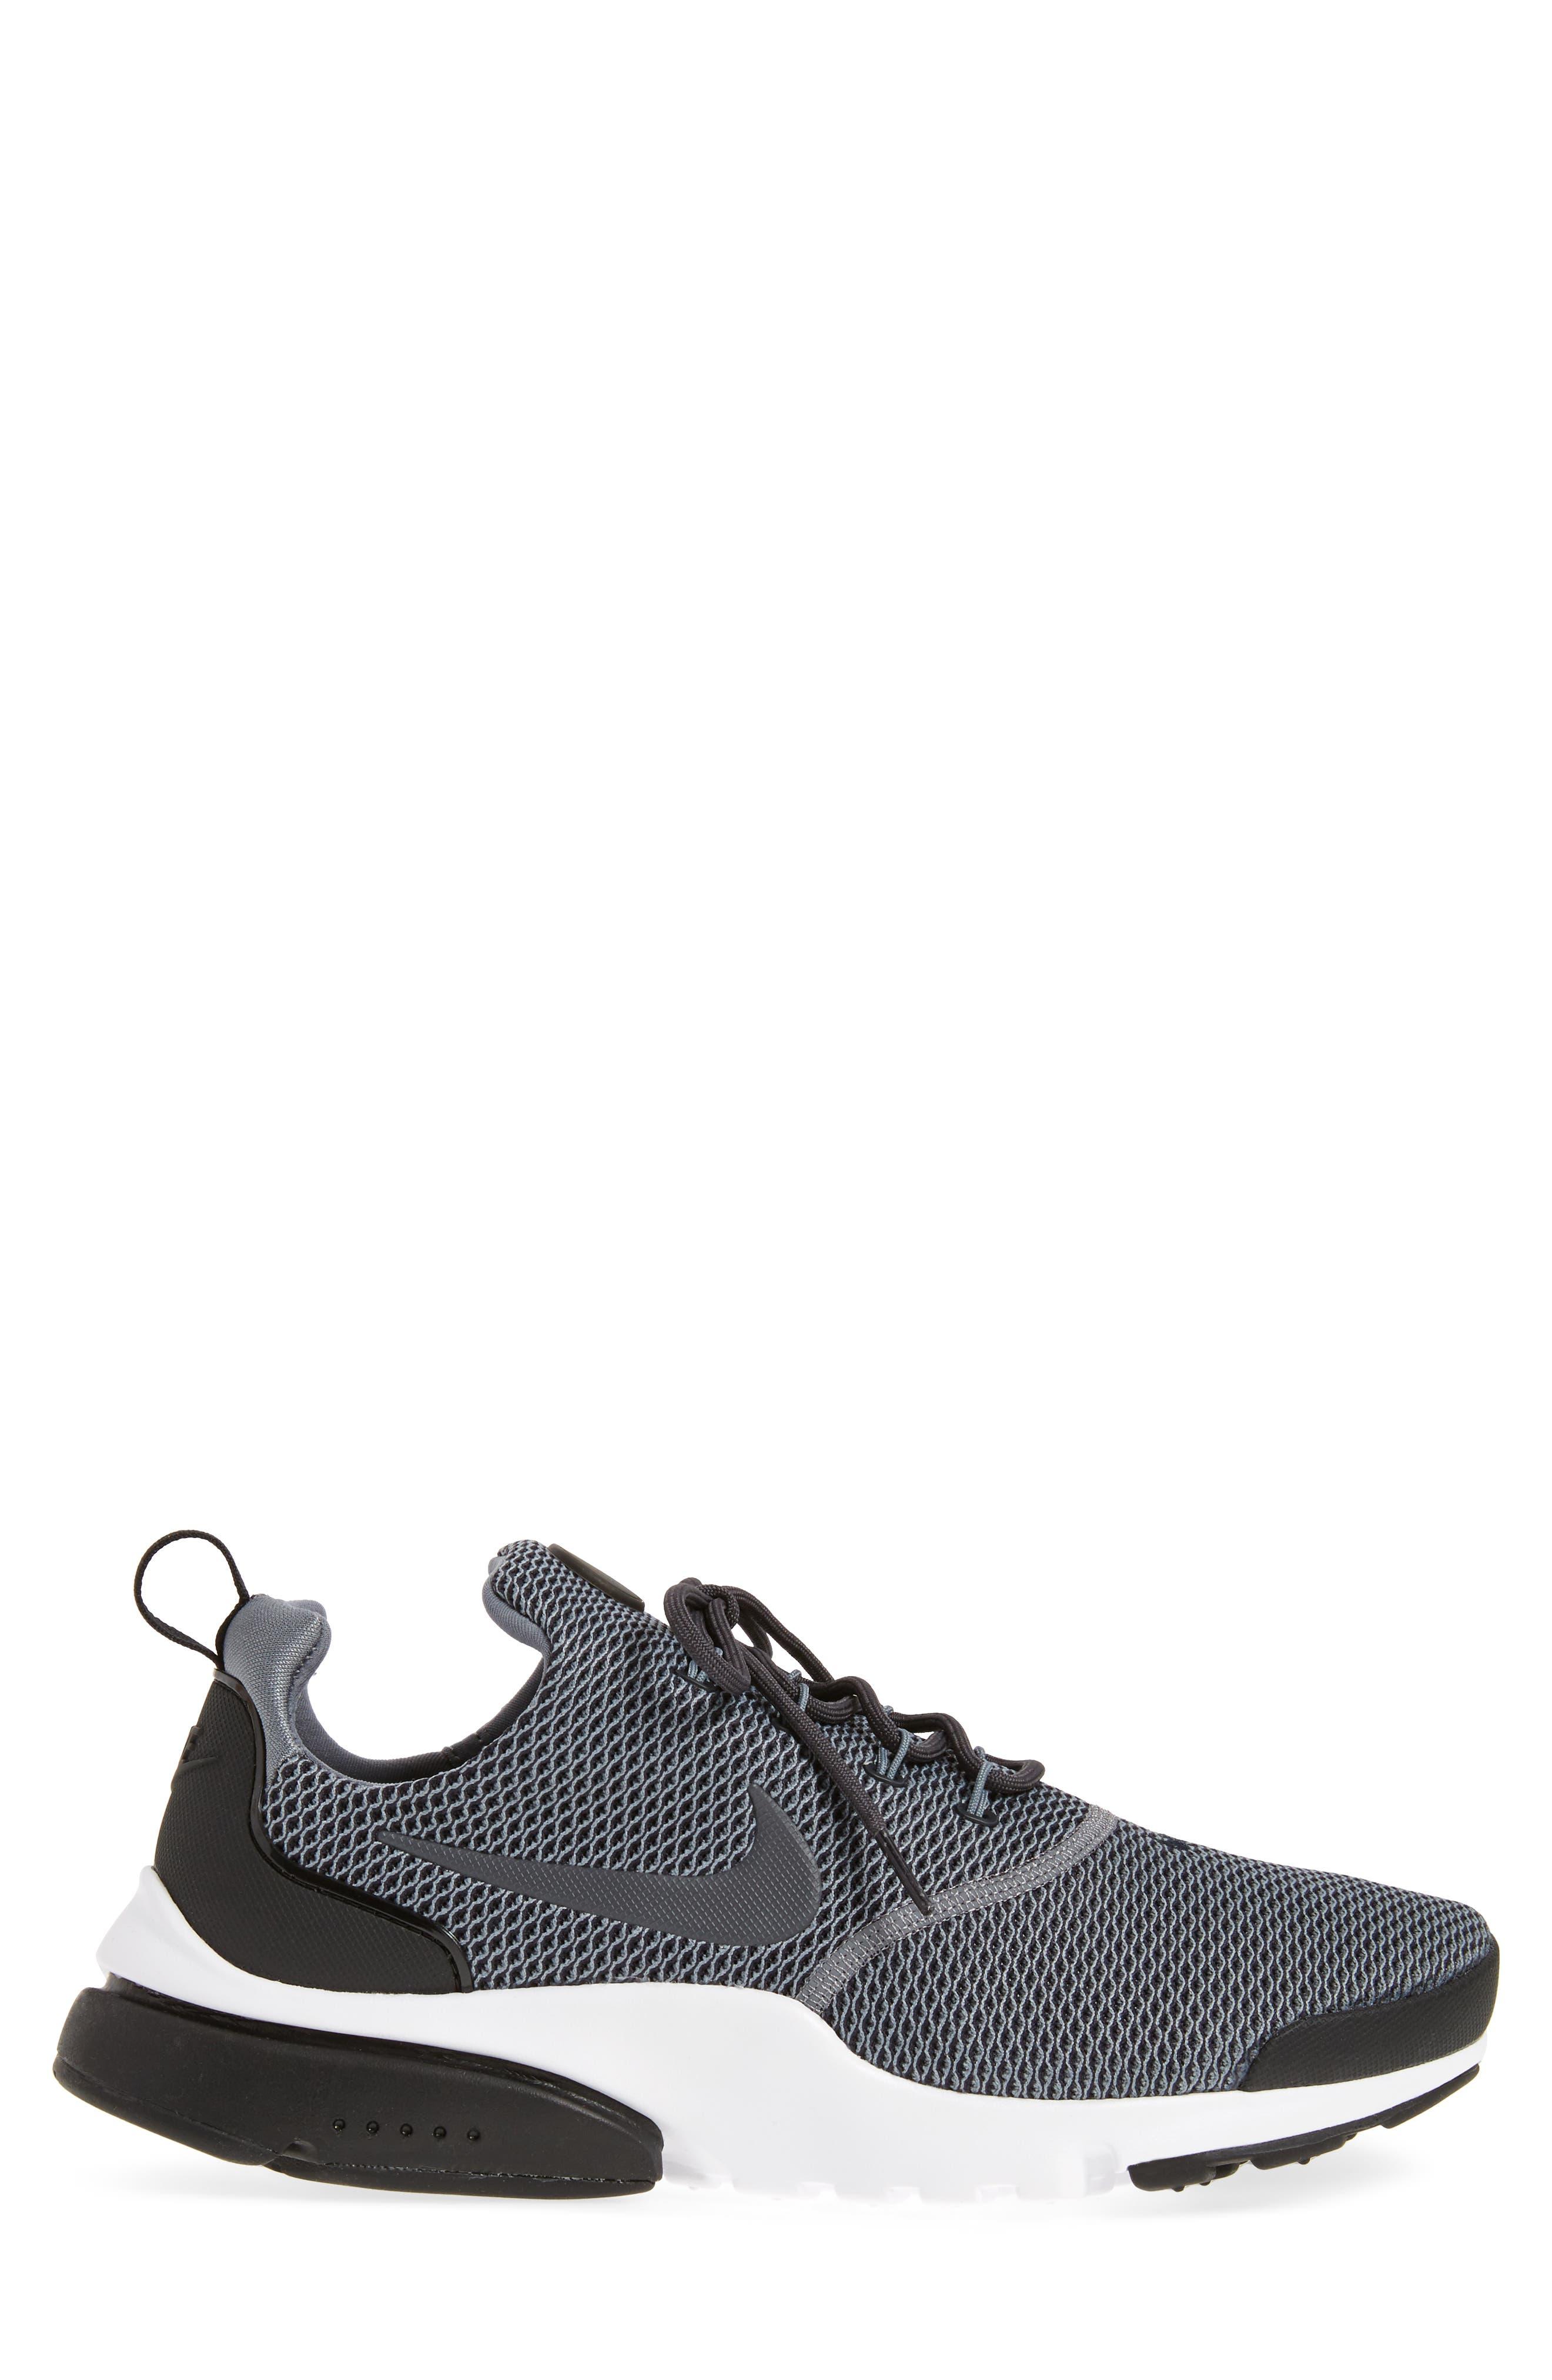 Presto Fly SE Sneaker,                             Alternate thumbnail 8, color,